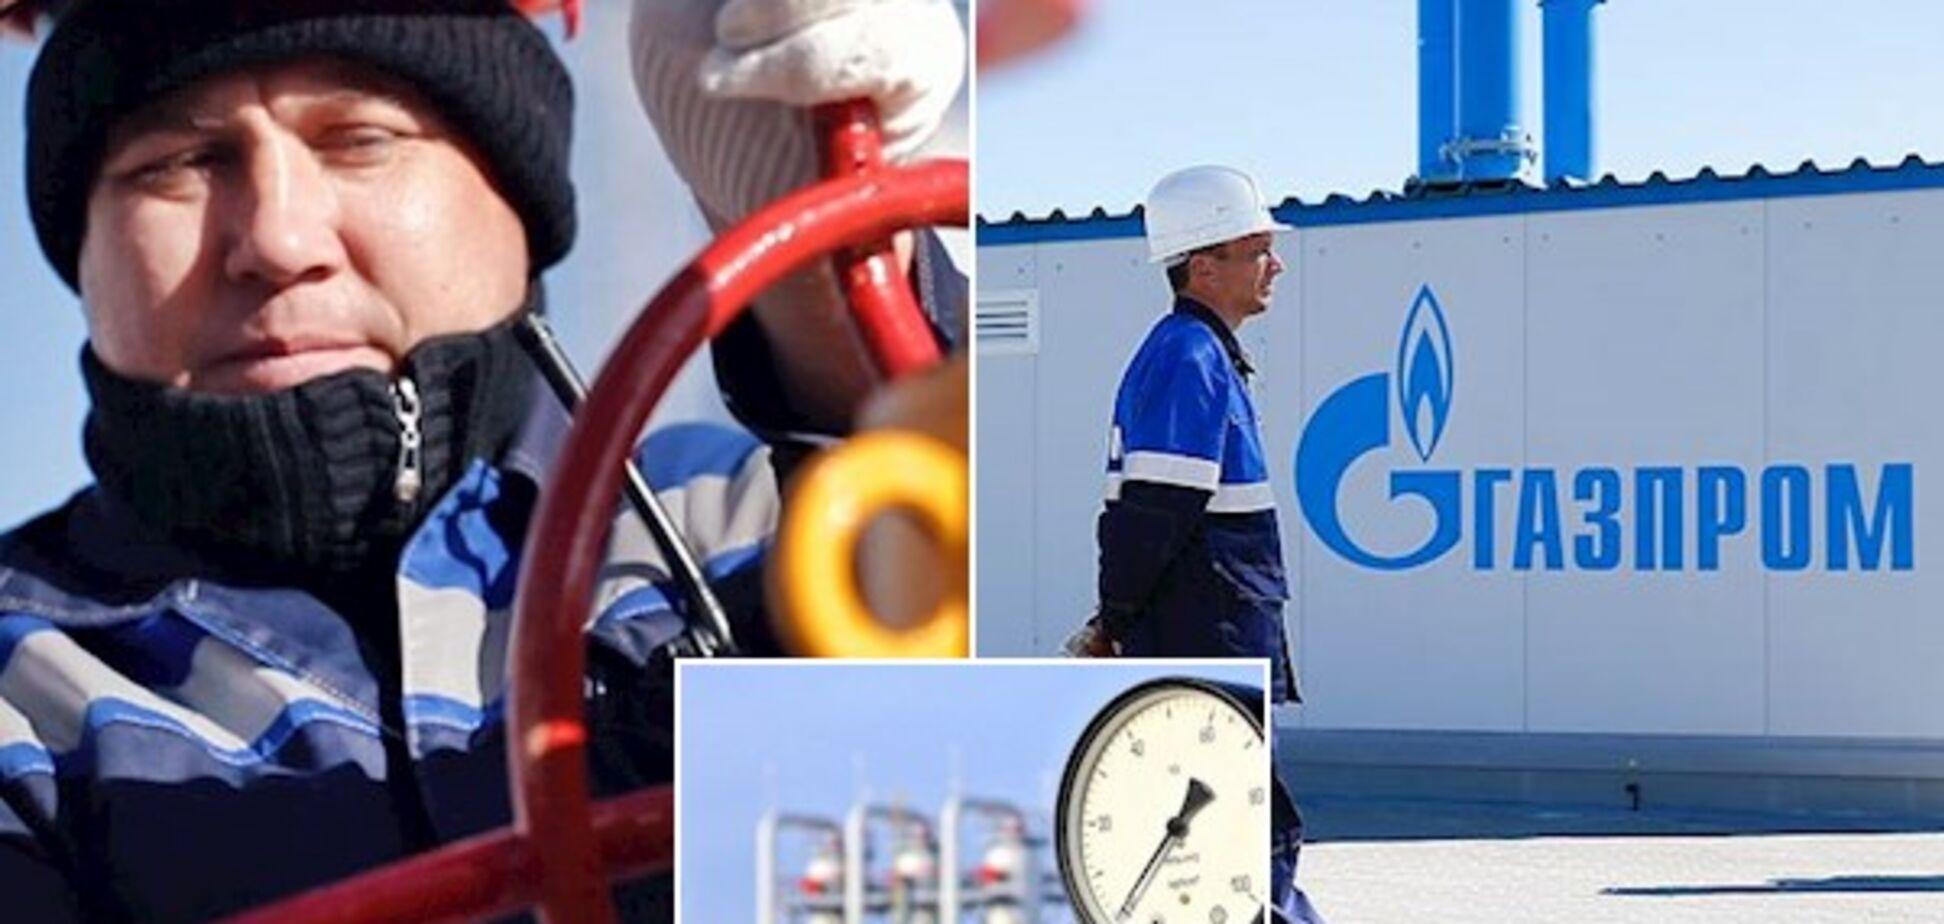 Отказ 'Газпрома' поставлять газ: озвучен прогноз, чем ответят патриоты Украины